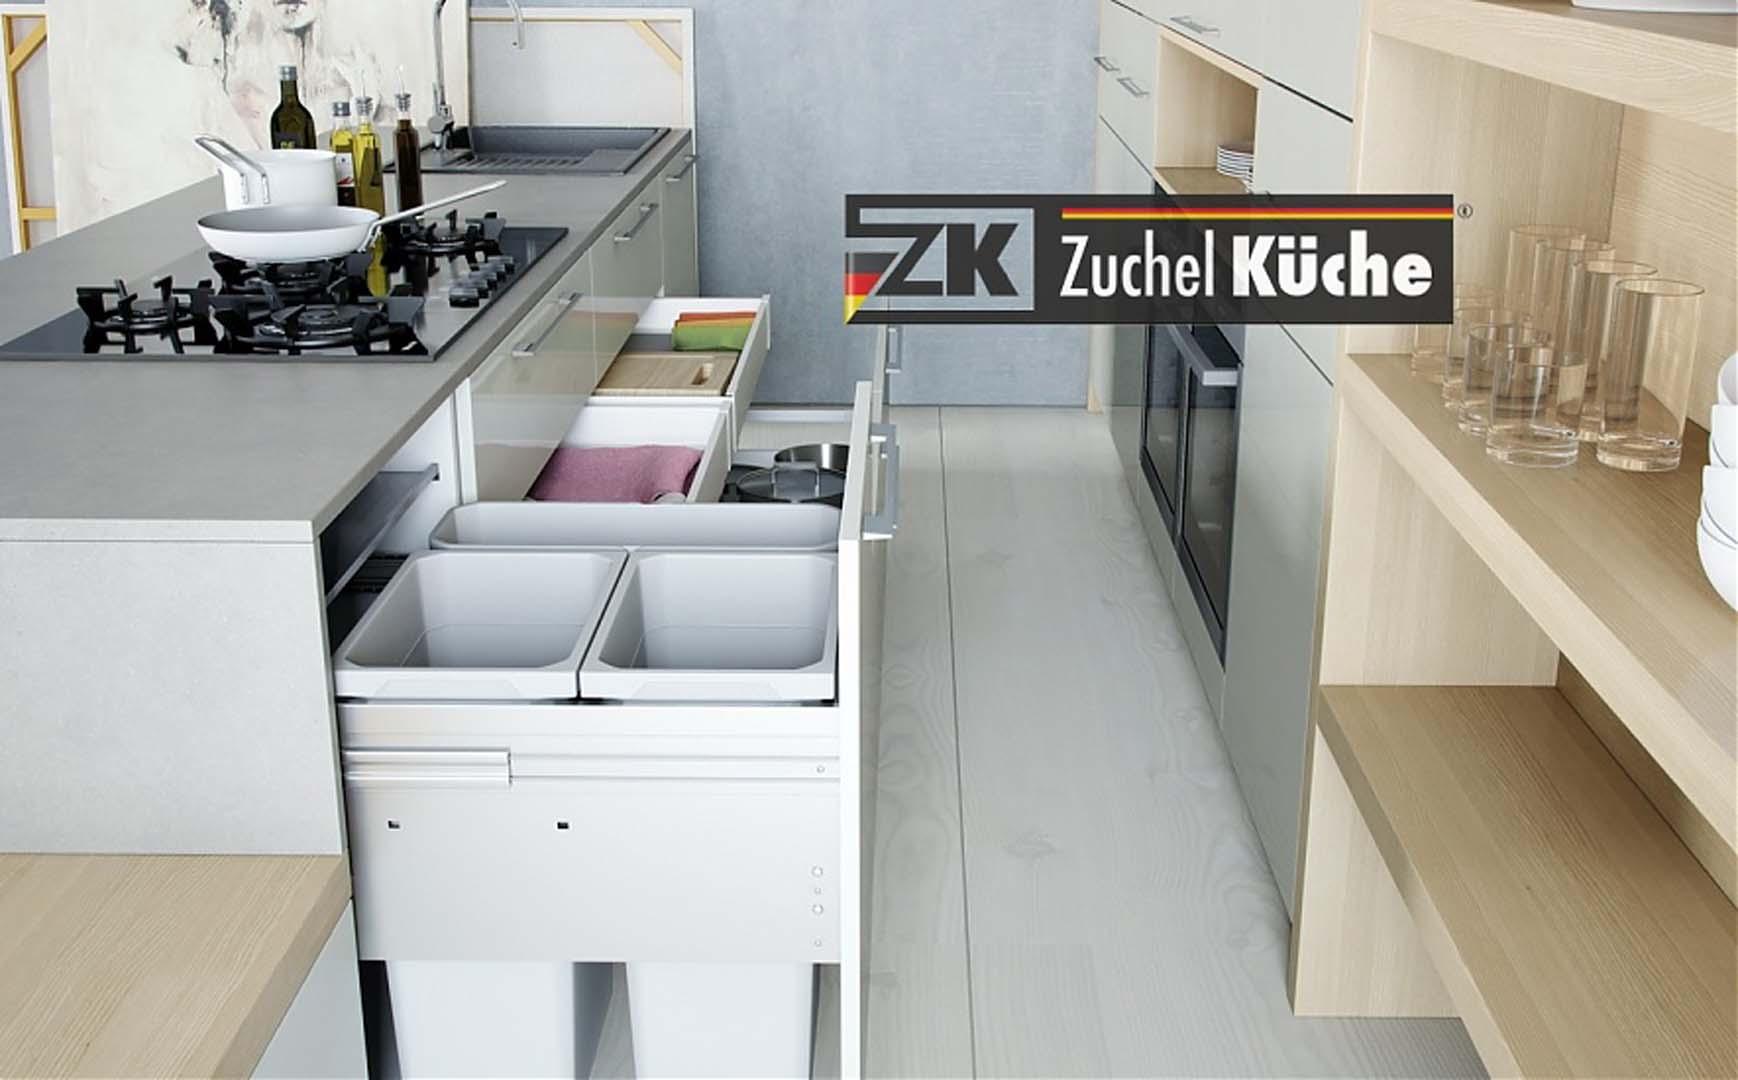 k chen modern zuchel k che. Black Bedroom Furniture Sets. Home Design Ideas